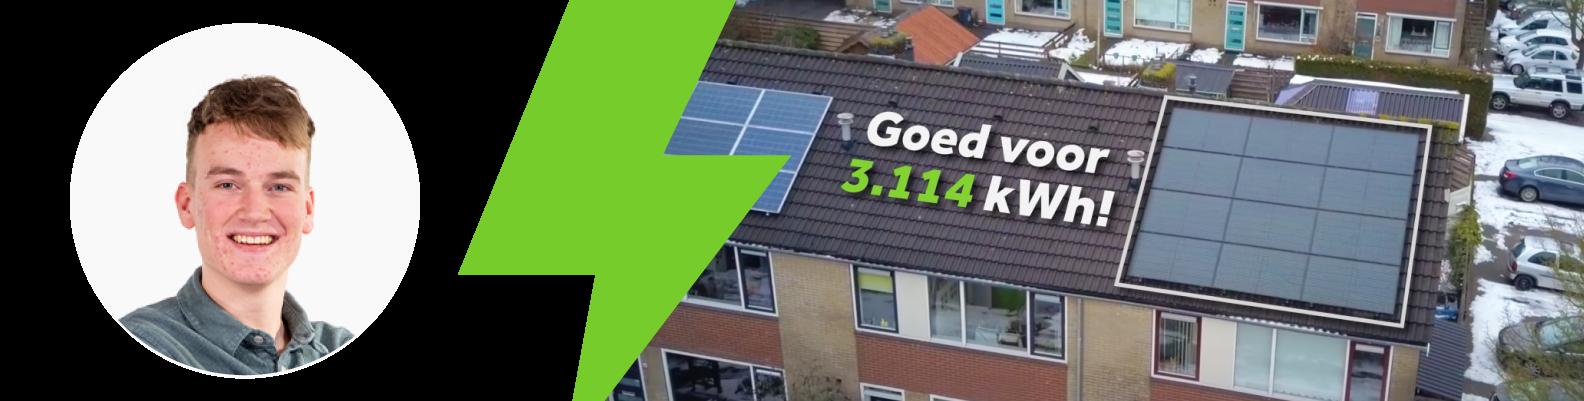 zonnepanelen op het dak van de winnaar vriendenactie 2020